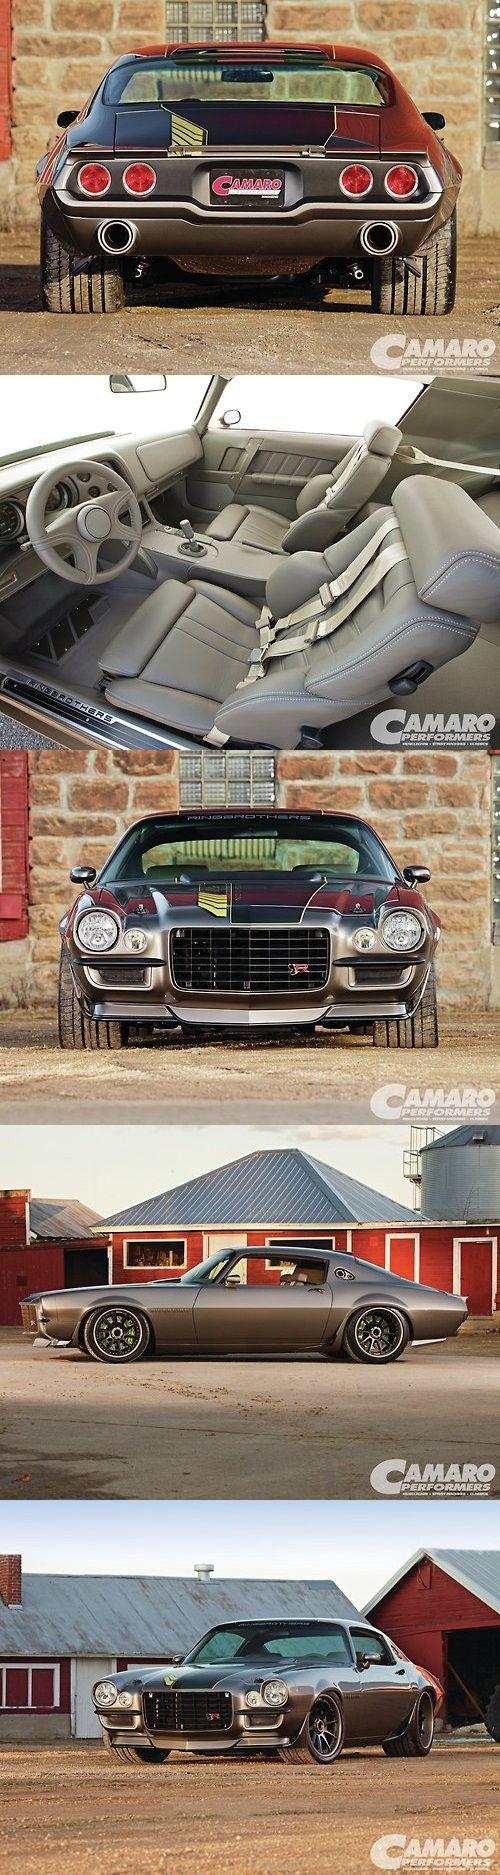 Camaro pro touring                                                                                                                                                                                 More